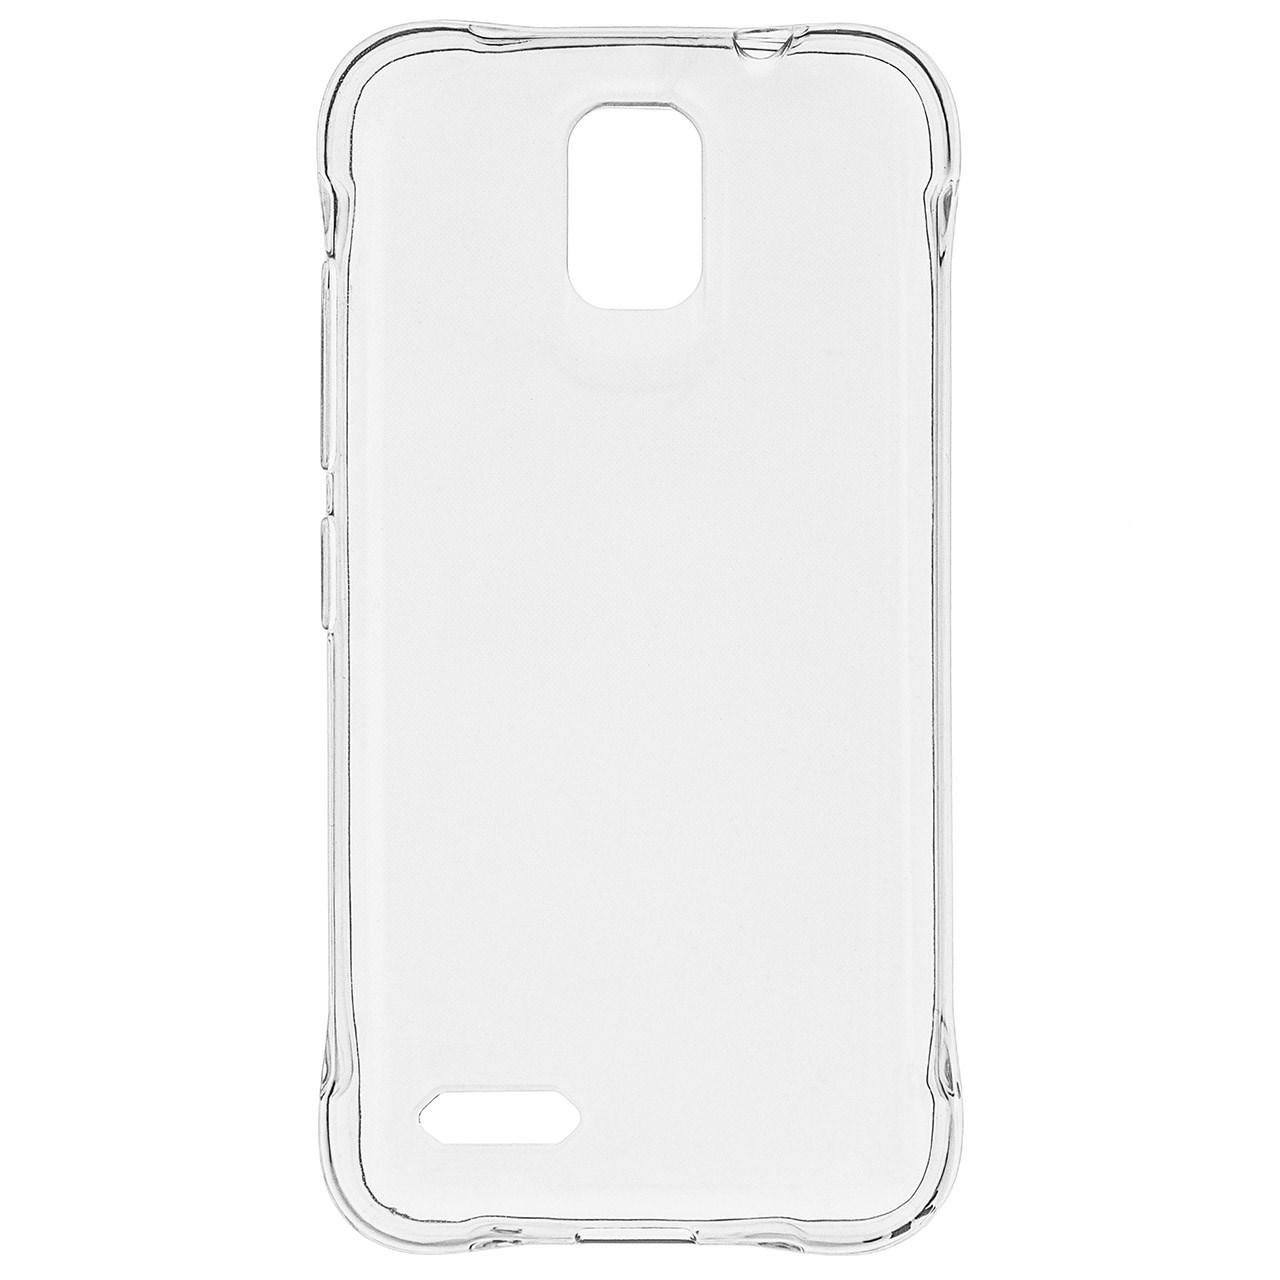 کاور مدل Unique Case مناسب برای گوشی موبایل تی پی لینک Neffos Y5L